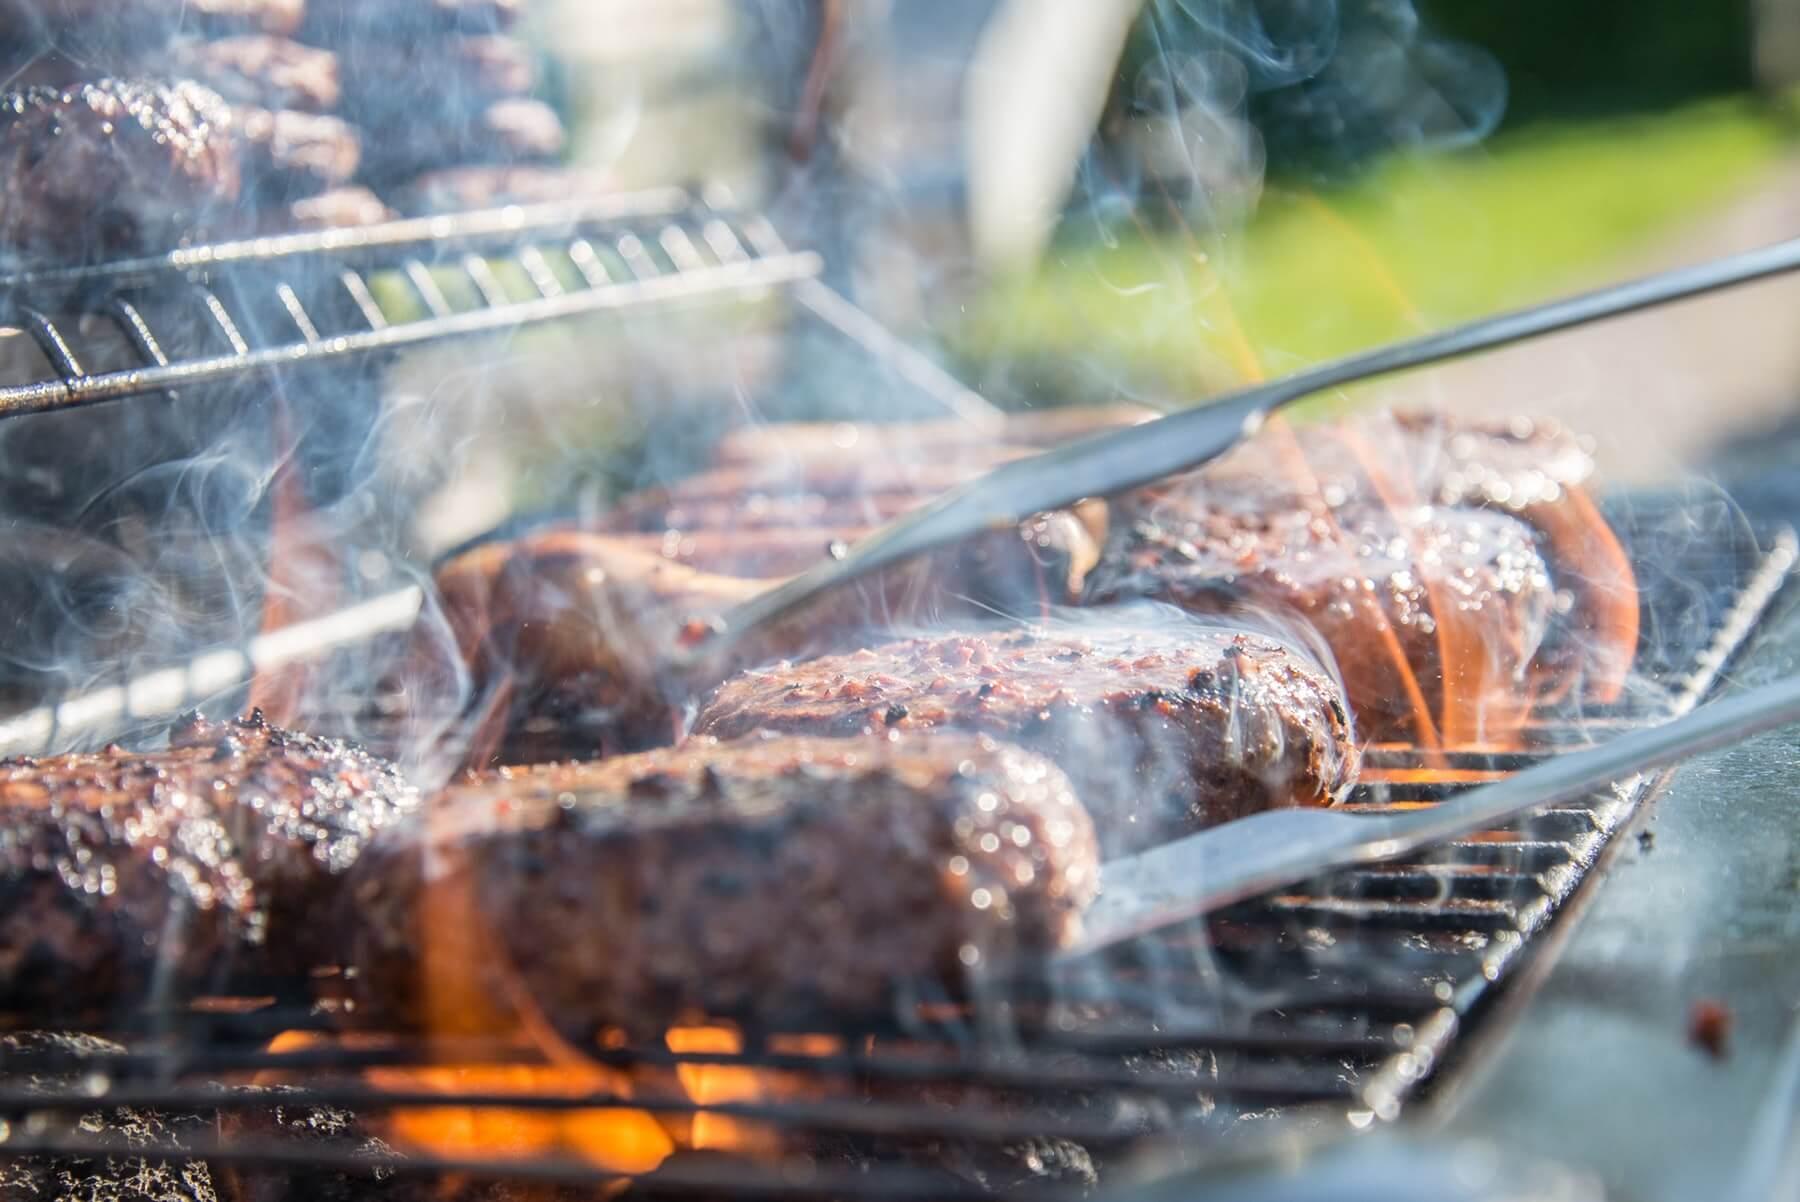 Evenemang på Sollidens handelsträdgård. Visning av Remundi grill med Rolle.